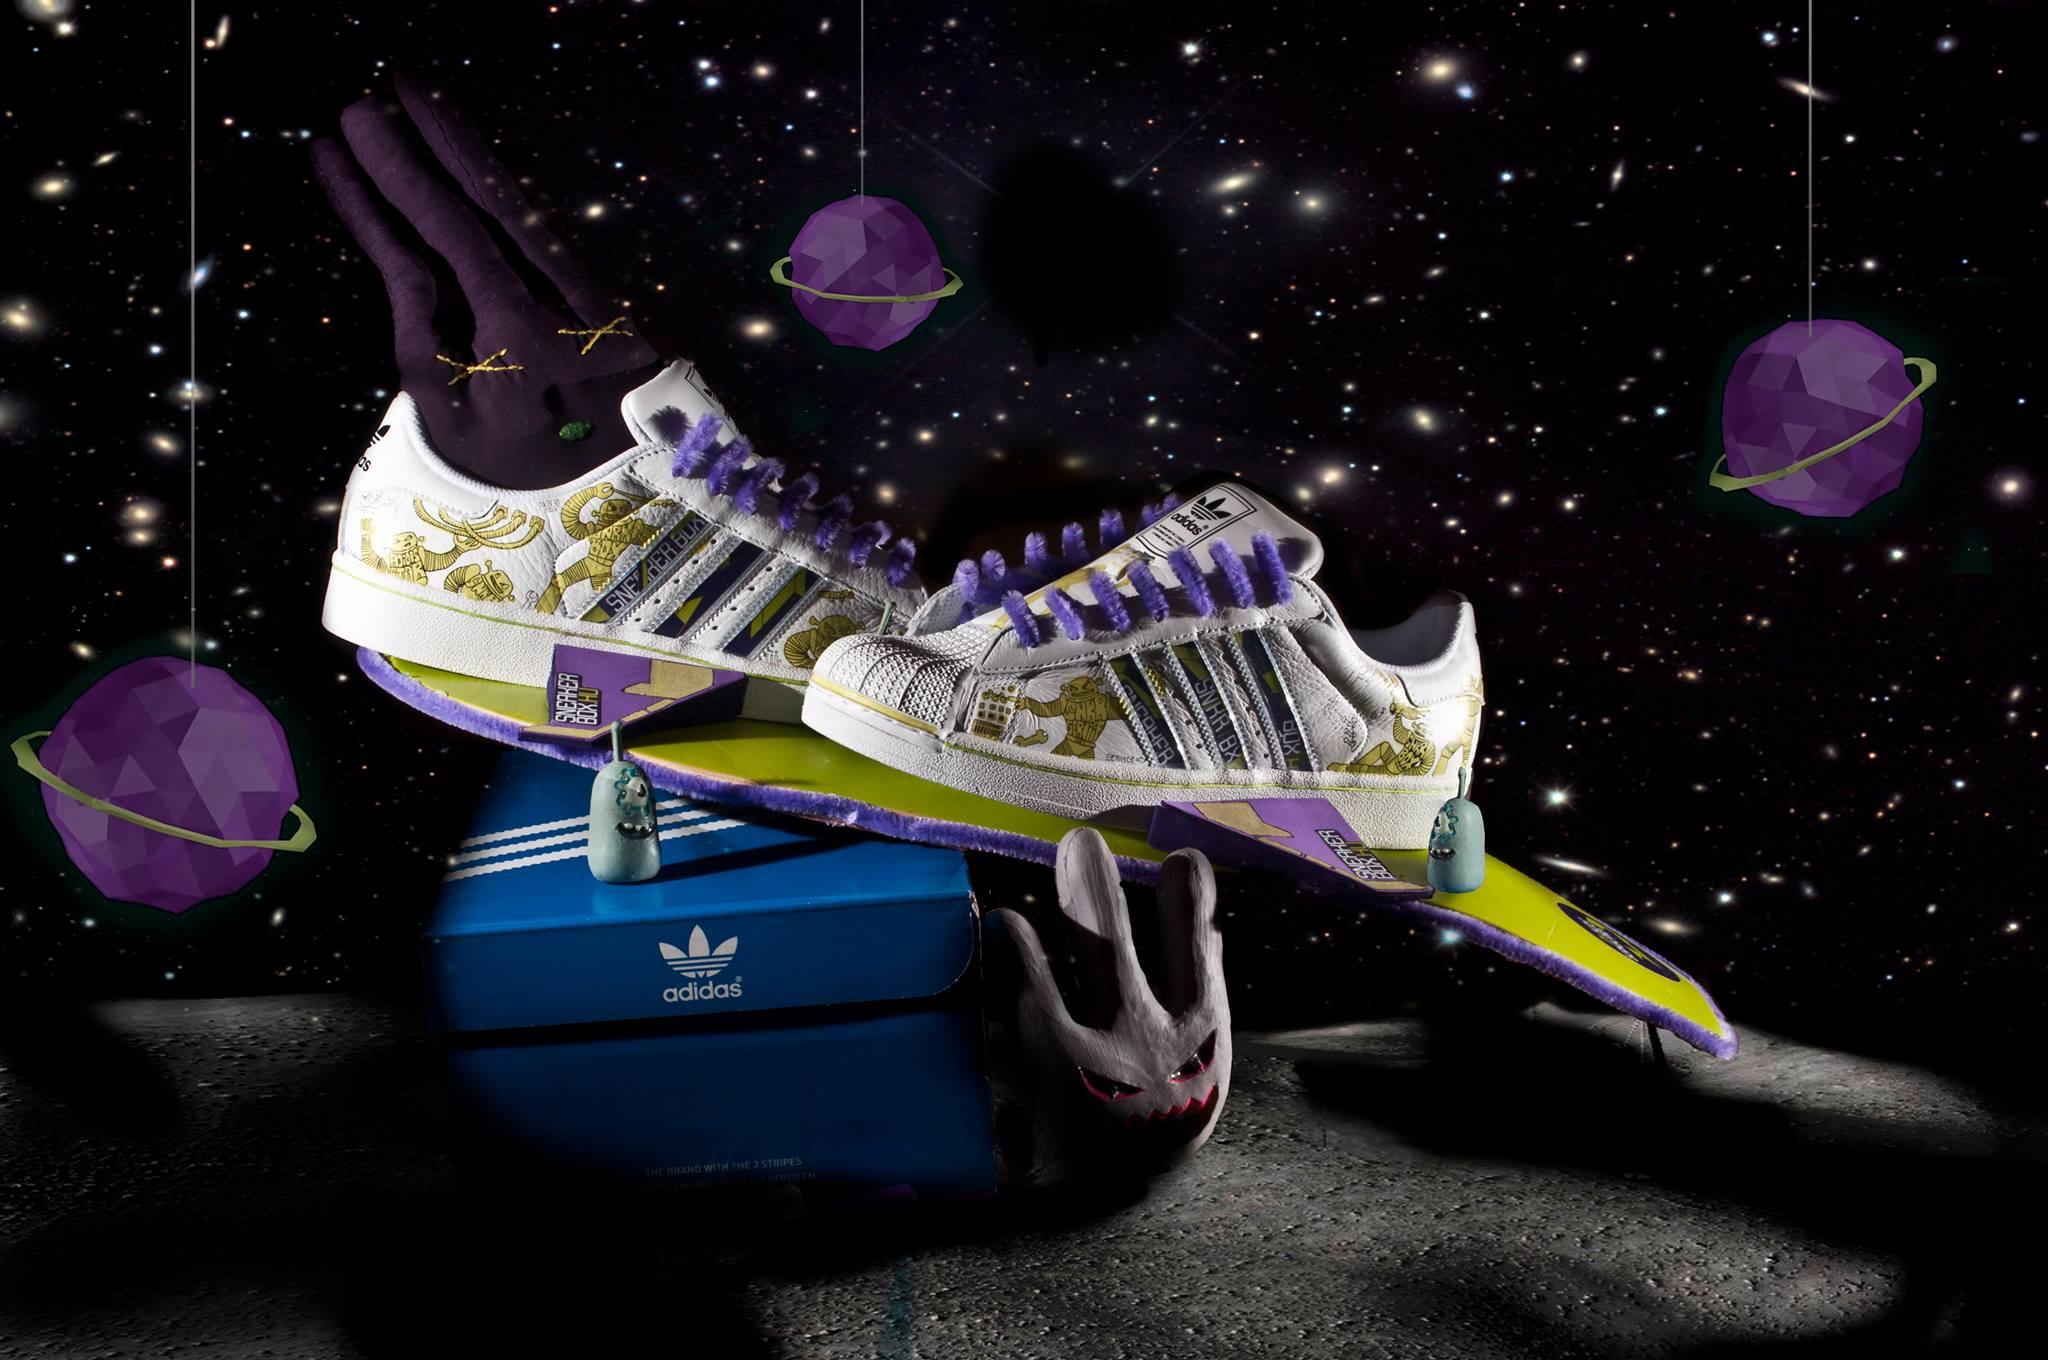 sneakerbox.hu custom Superstar